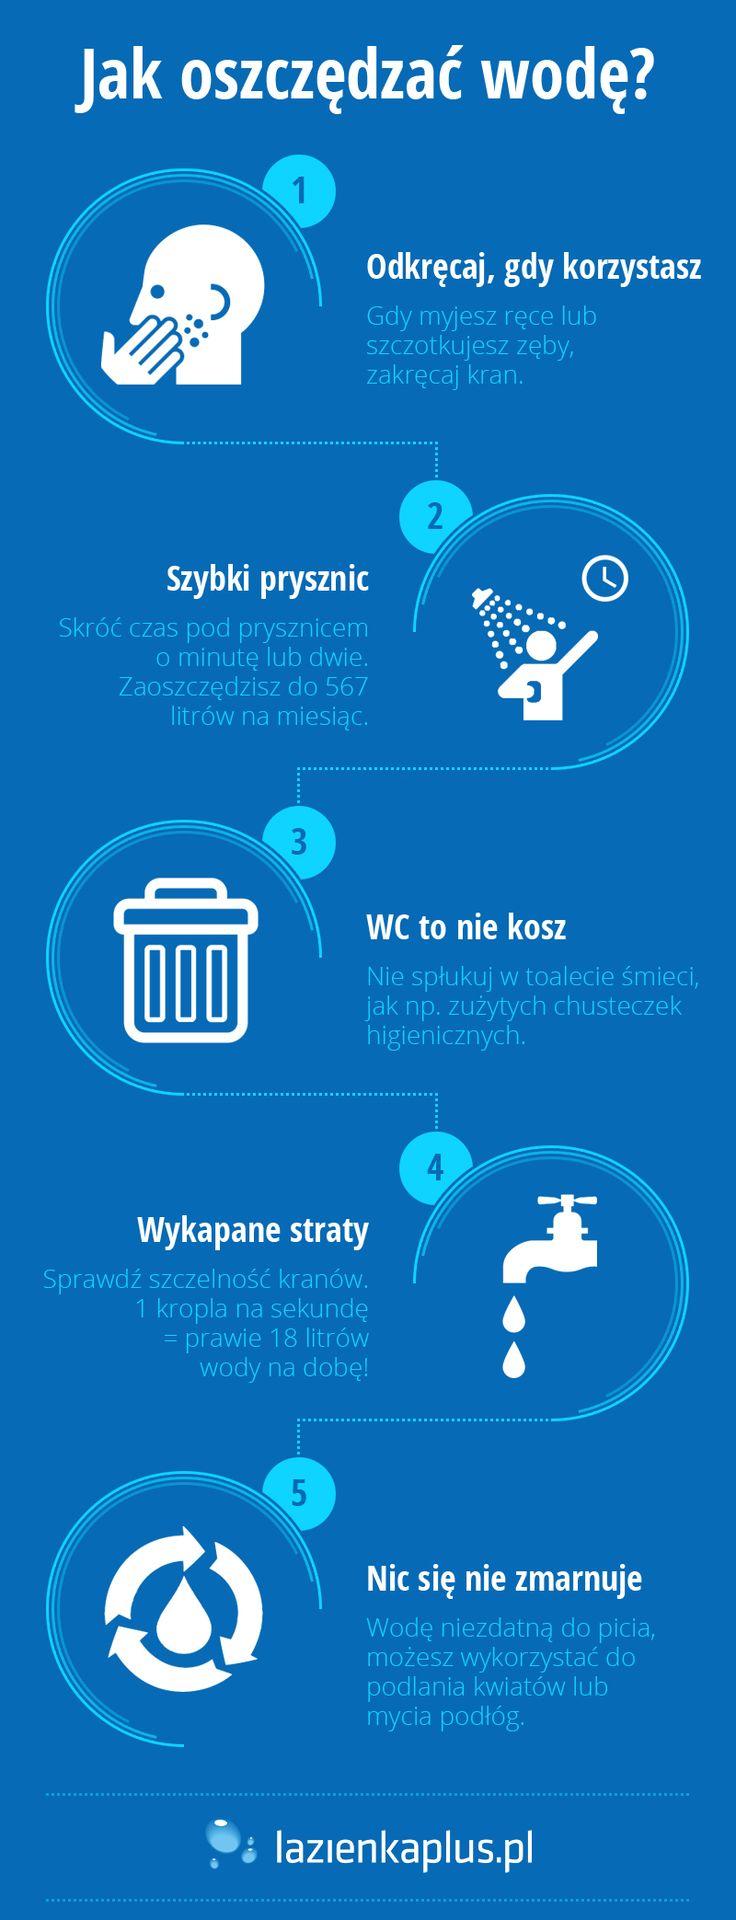 Jak oszczędzać wodę? #infografika #eko #tipynaplus #porady #lazienkaplus